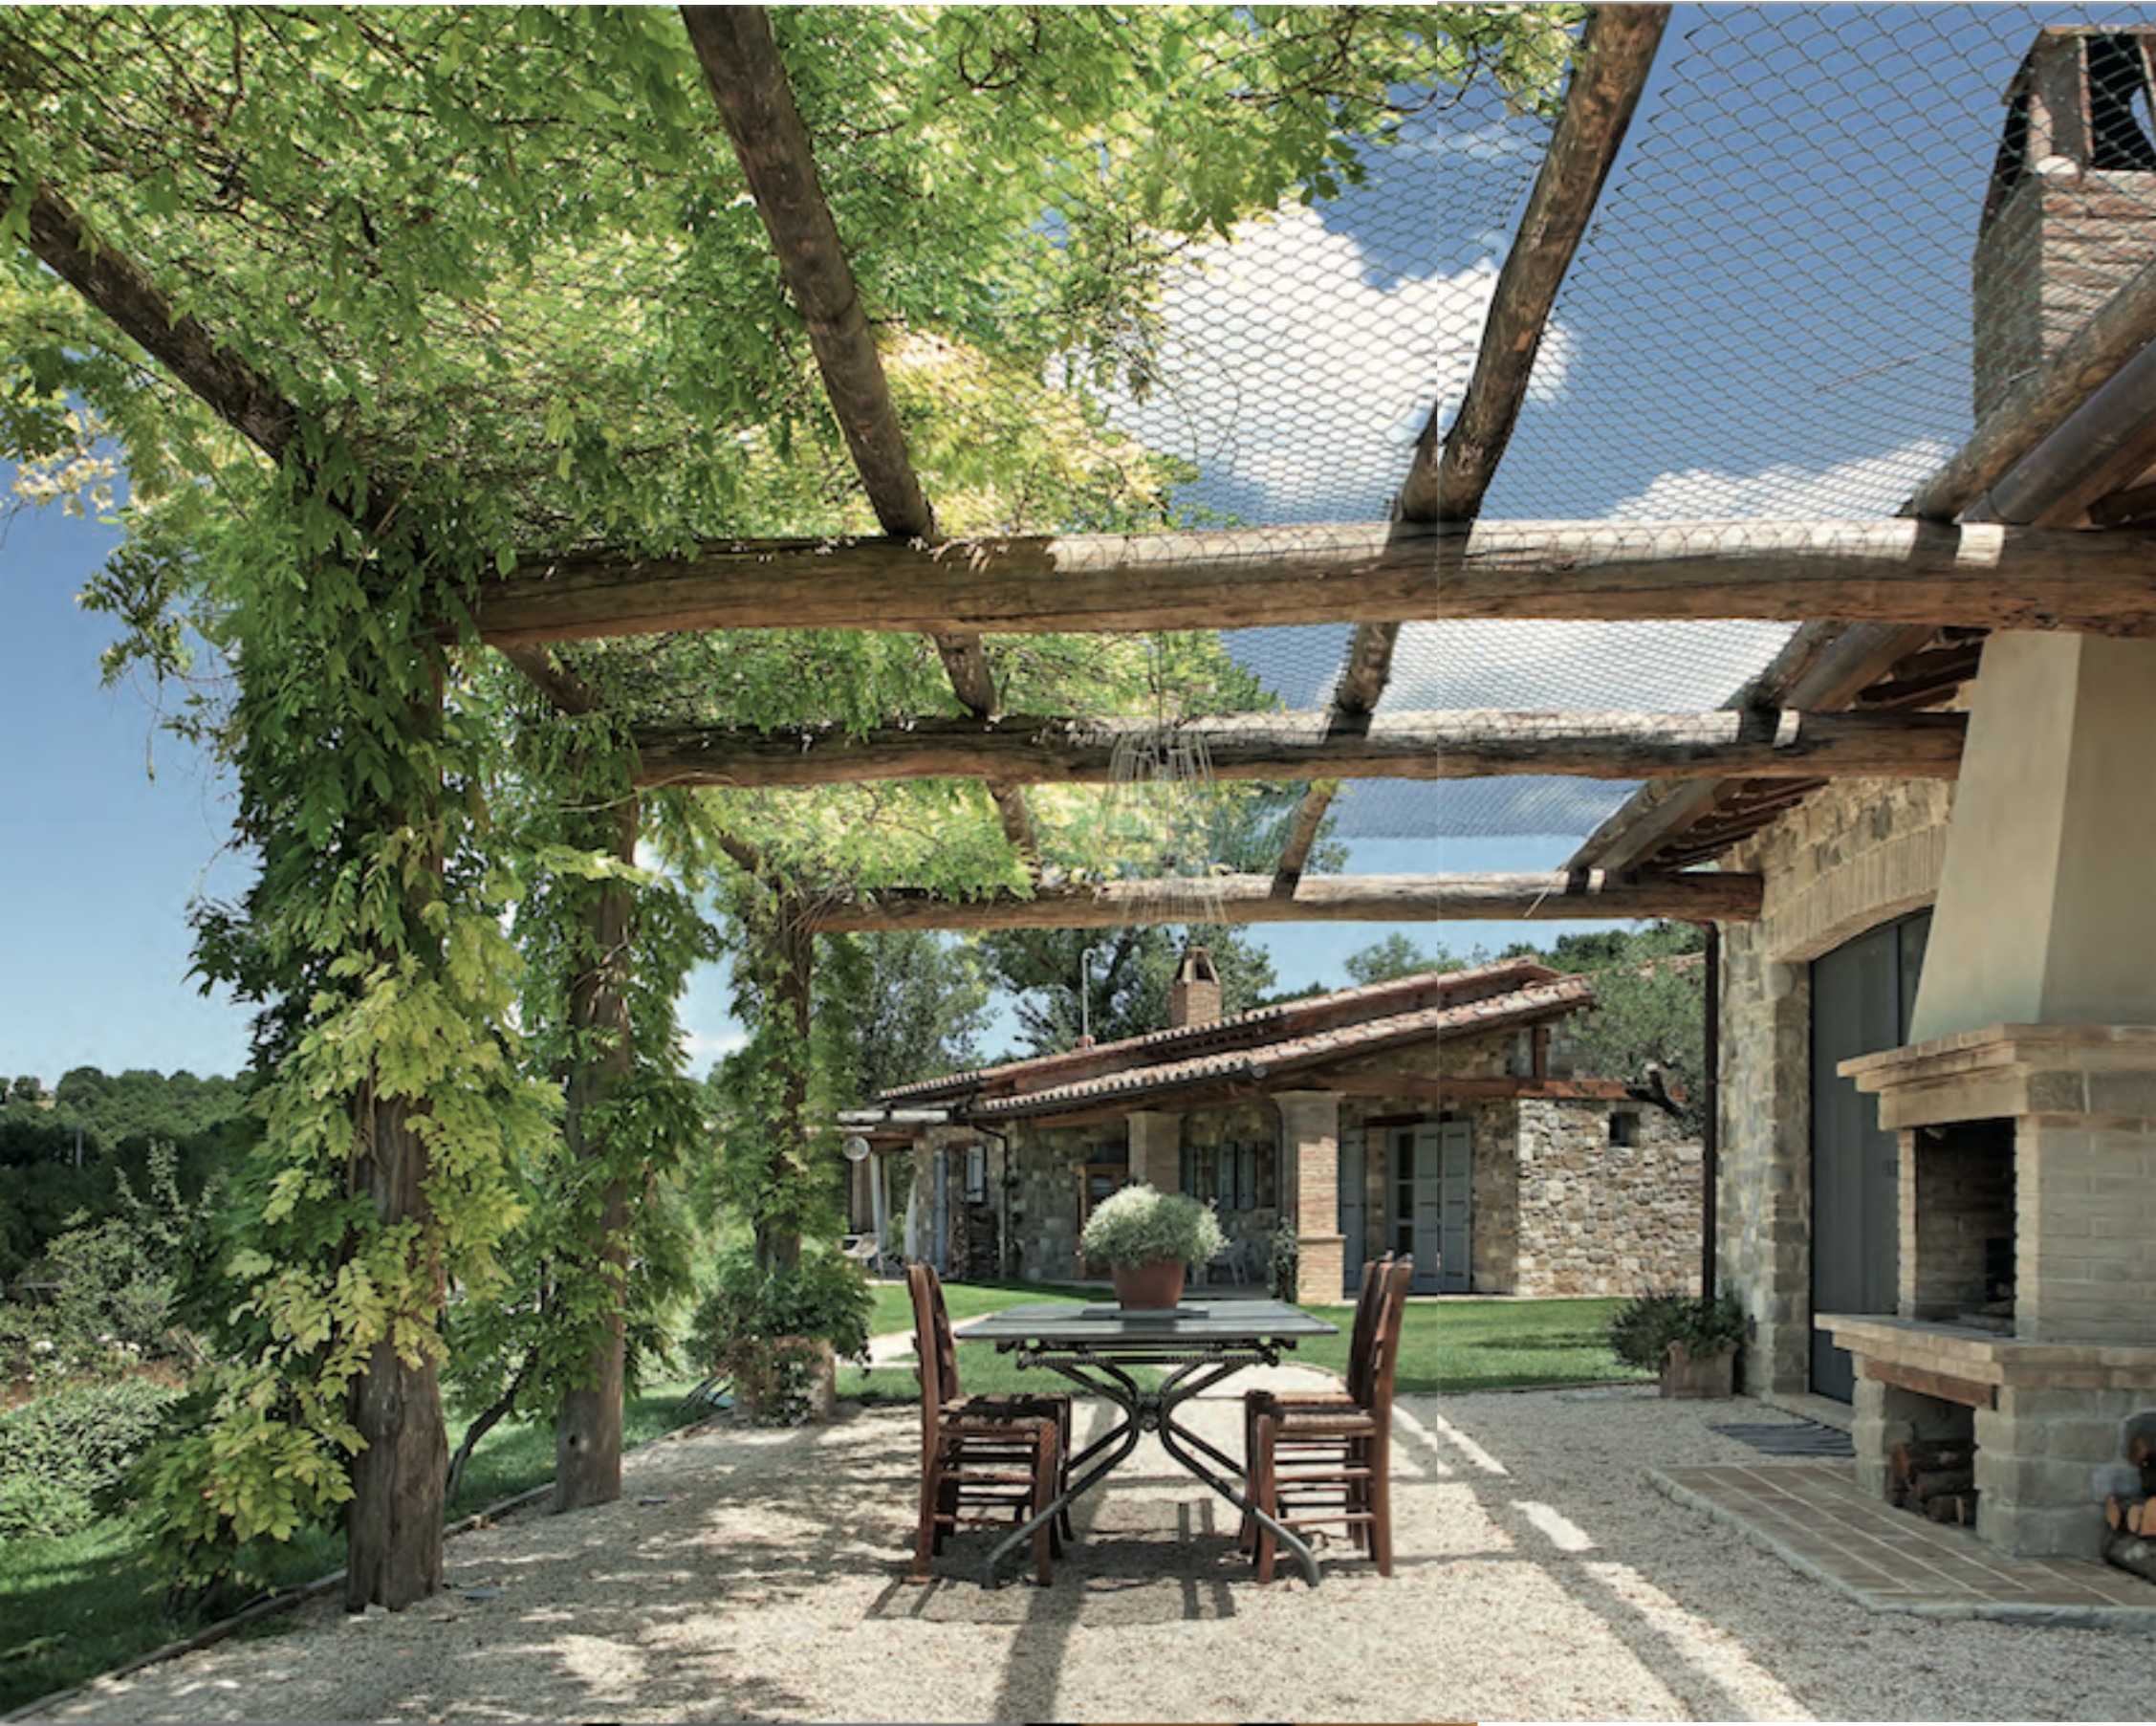 Casa di campagna segreta una meraviglia umbra for Una storia piani di casa di campagna francese